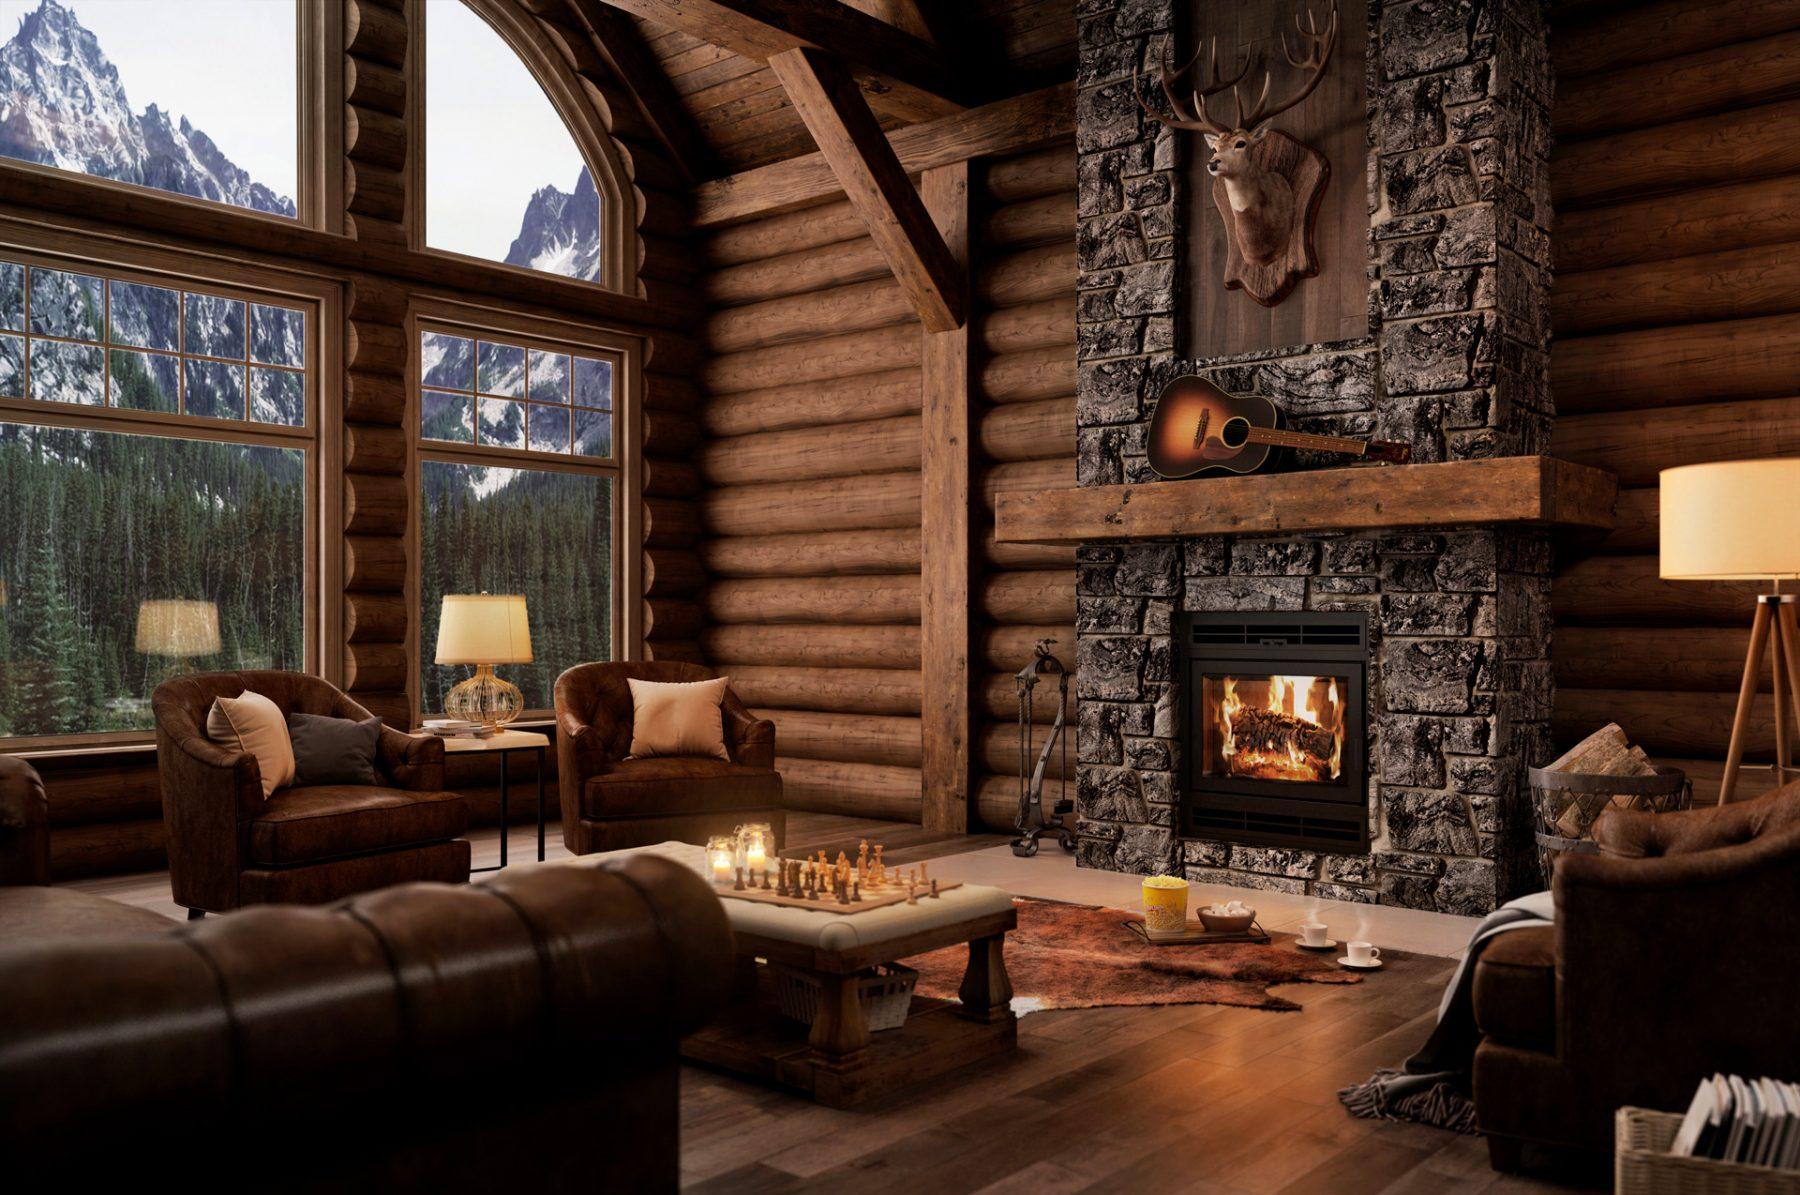 interior-previz-fireplace-living-room- canada 3d studio